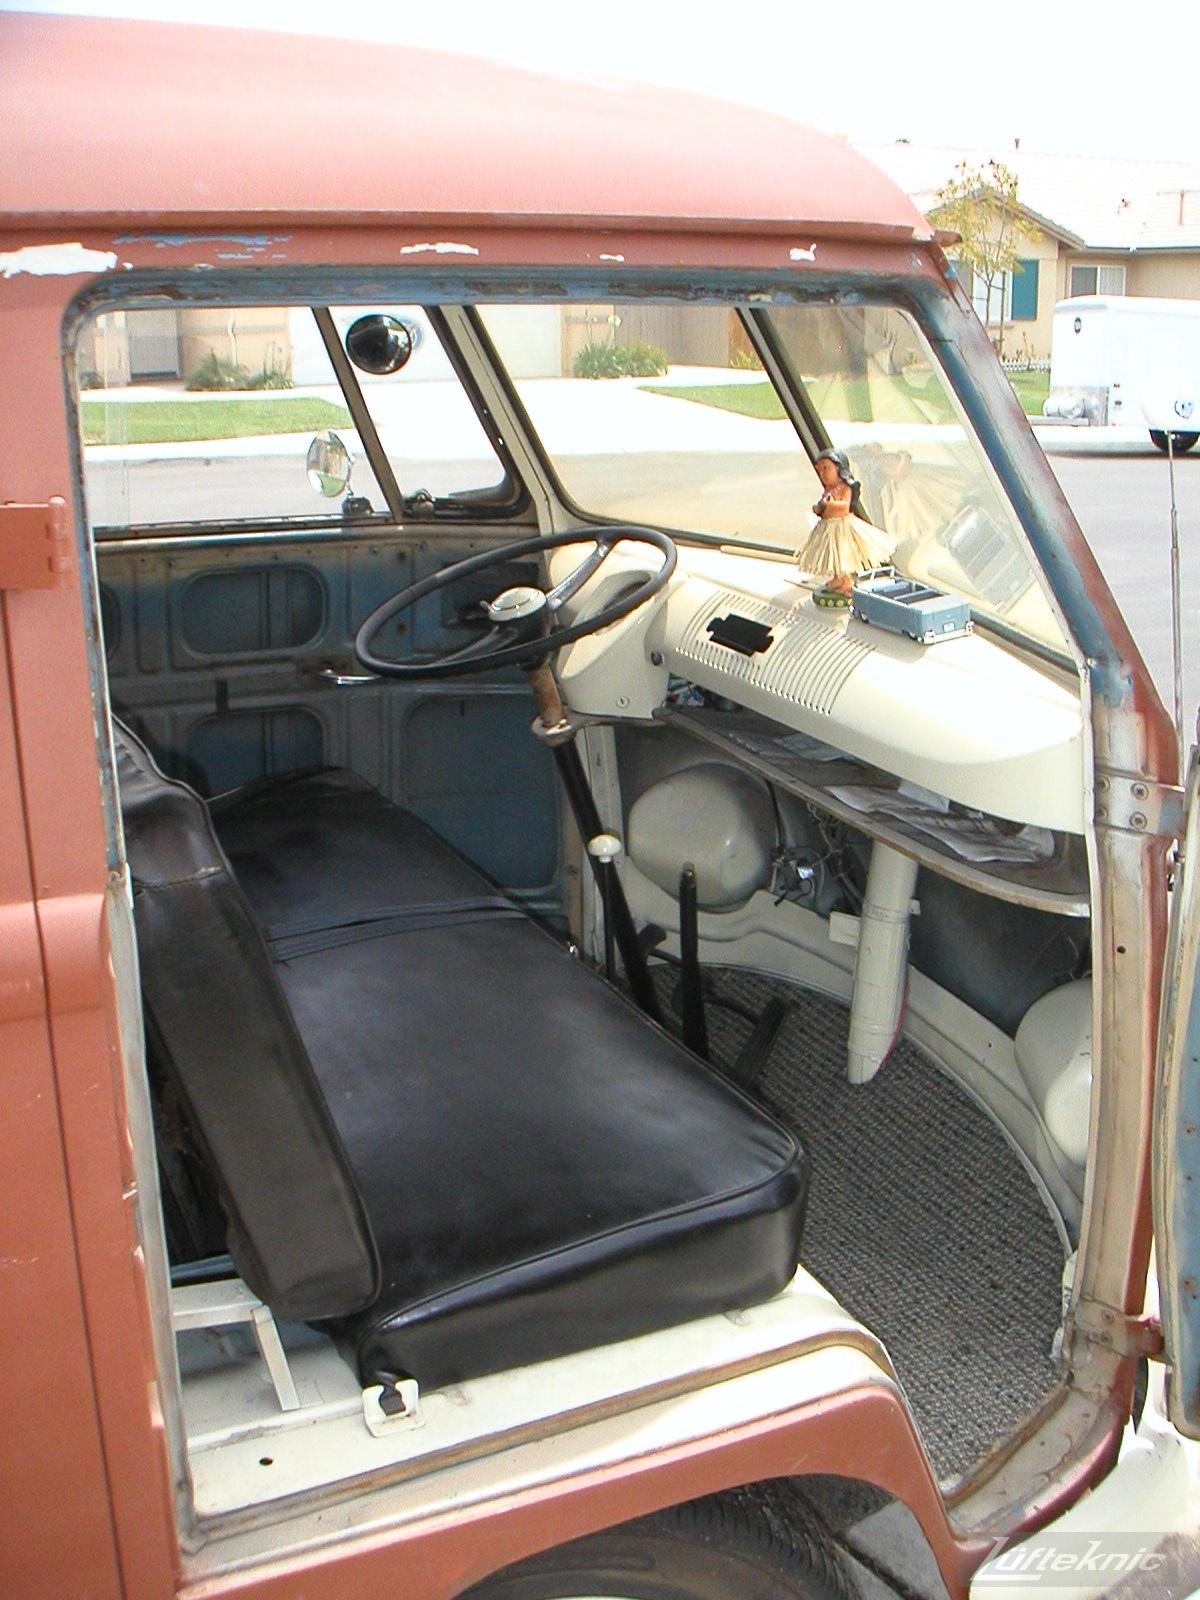 1956 Volkswagen double panel Transporter pre PorscheBus